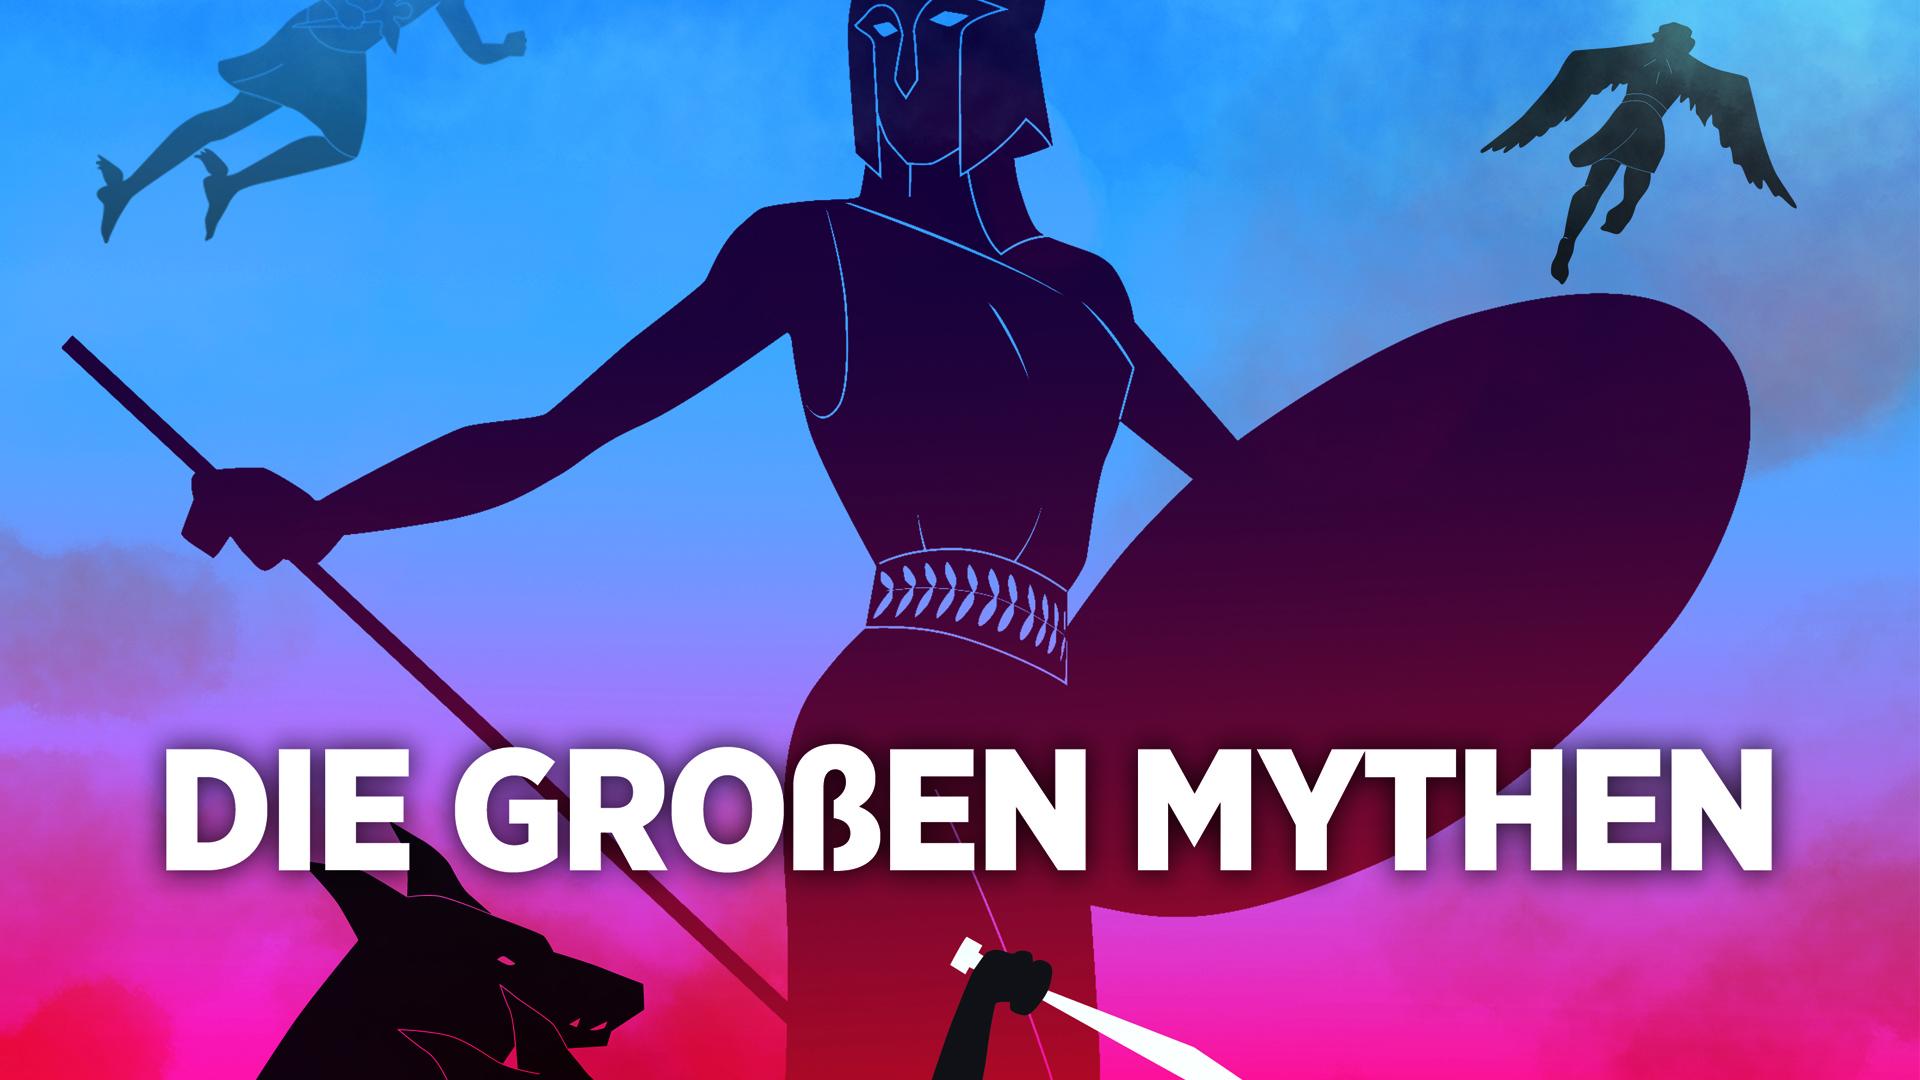 Die Grossen Mythen